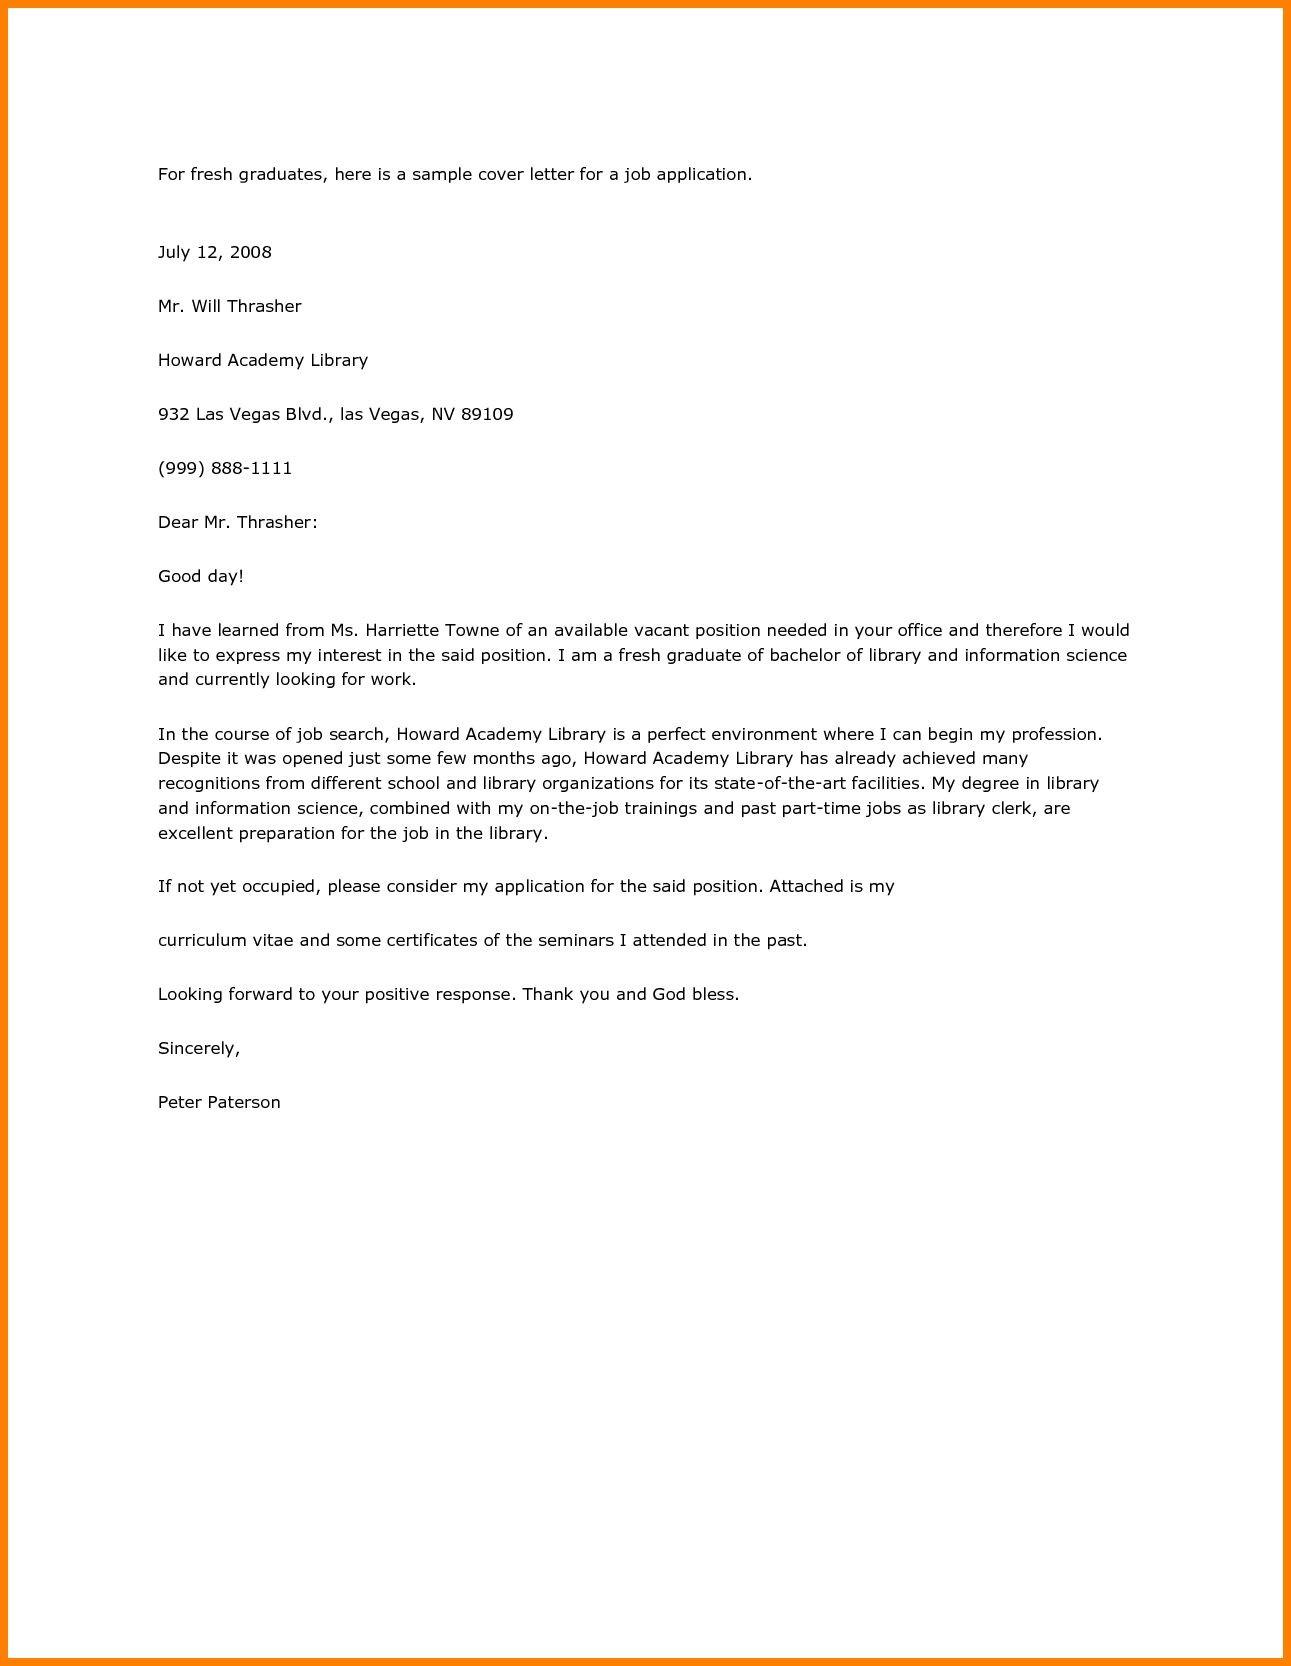 Sample Resume for Job Application for Fresh Graduate Pdf Application Letter Sle for Fresh Graduate Pdf Job Cover Letter ...